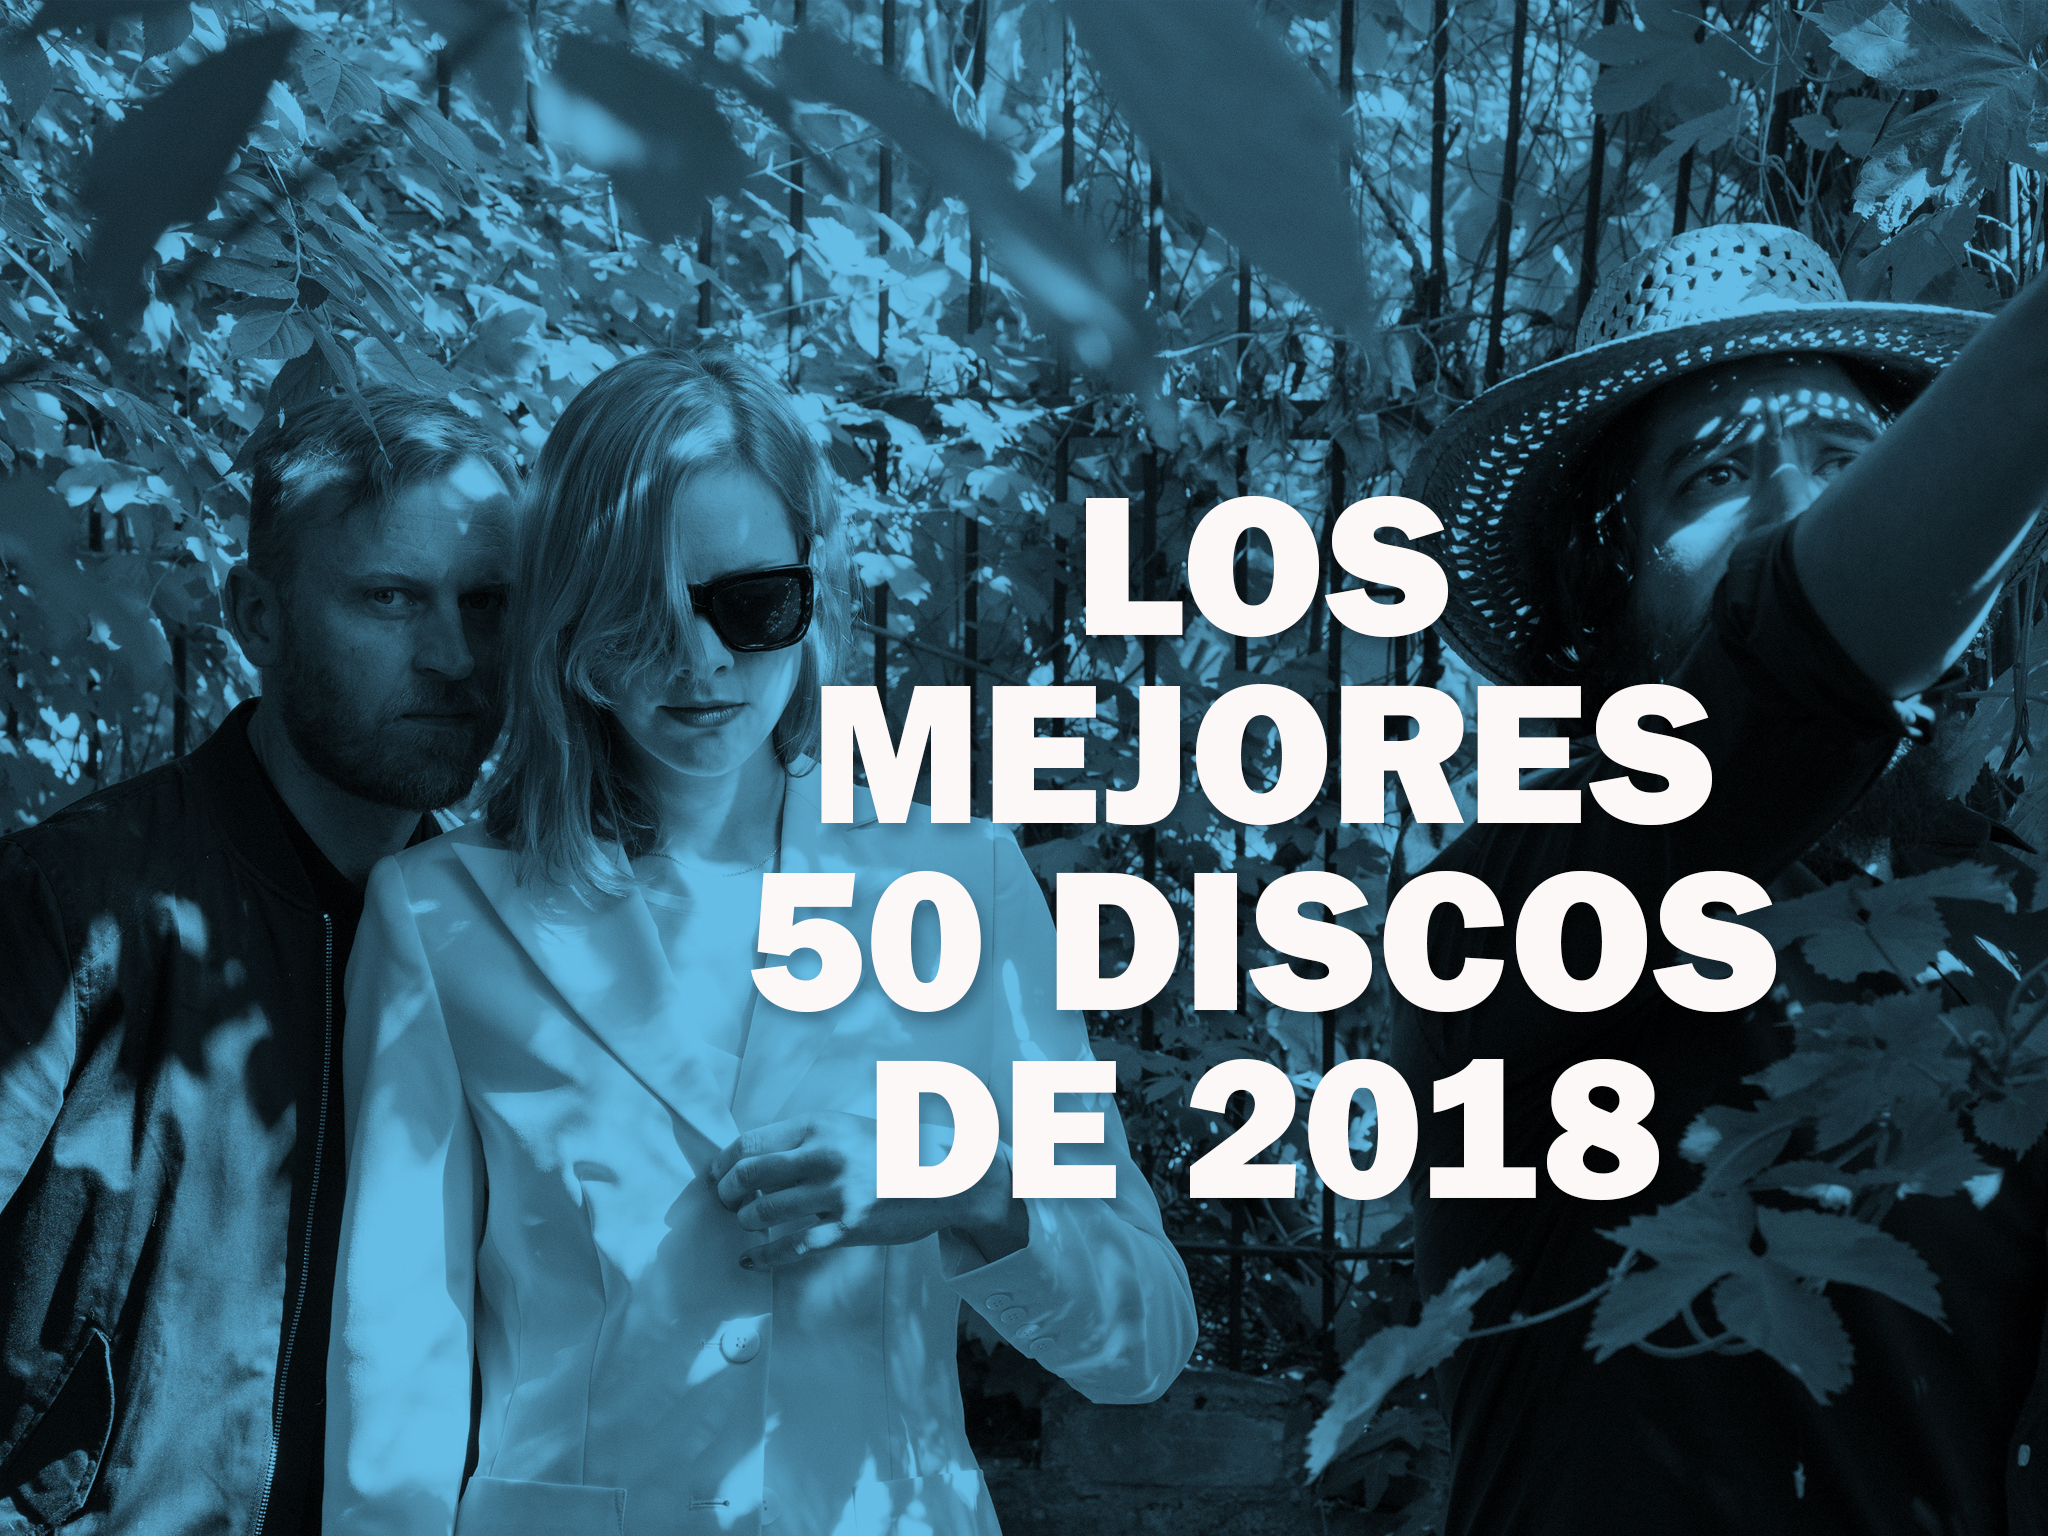 Los 50 mejores discos de 2018